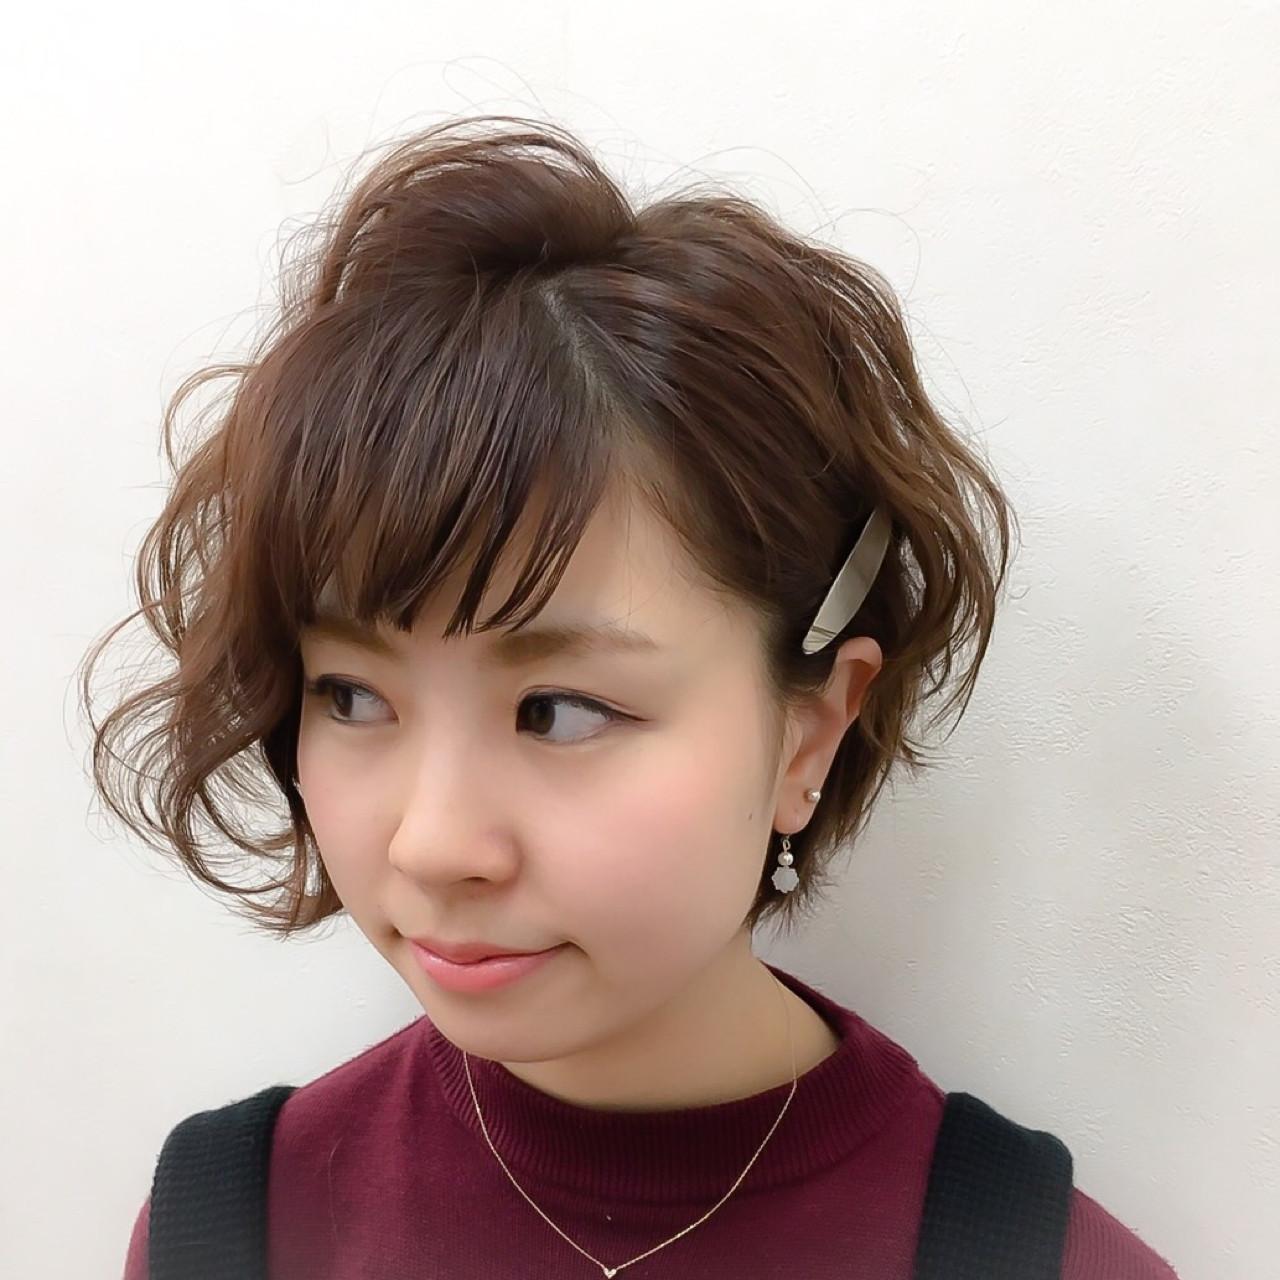 特別な日のスタイリング。意外と簡単にできるショートヘアアレンジ♡ Katsuhito Emori